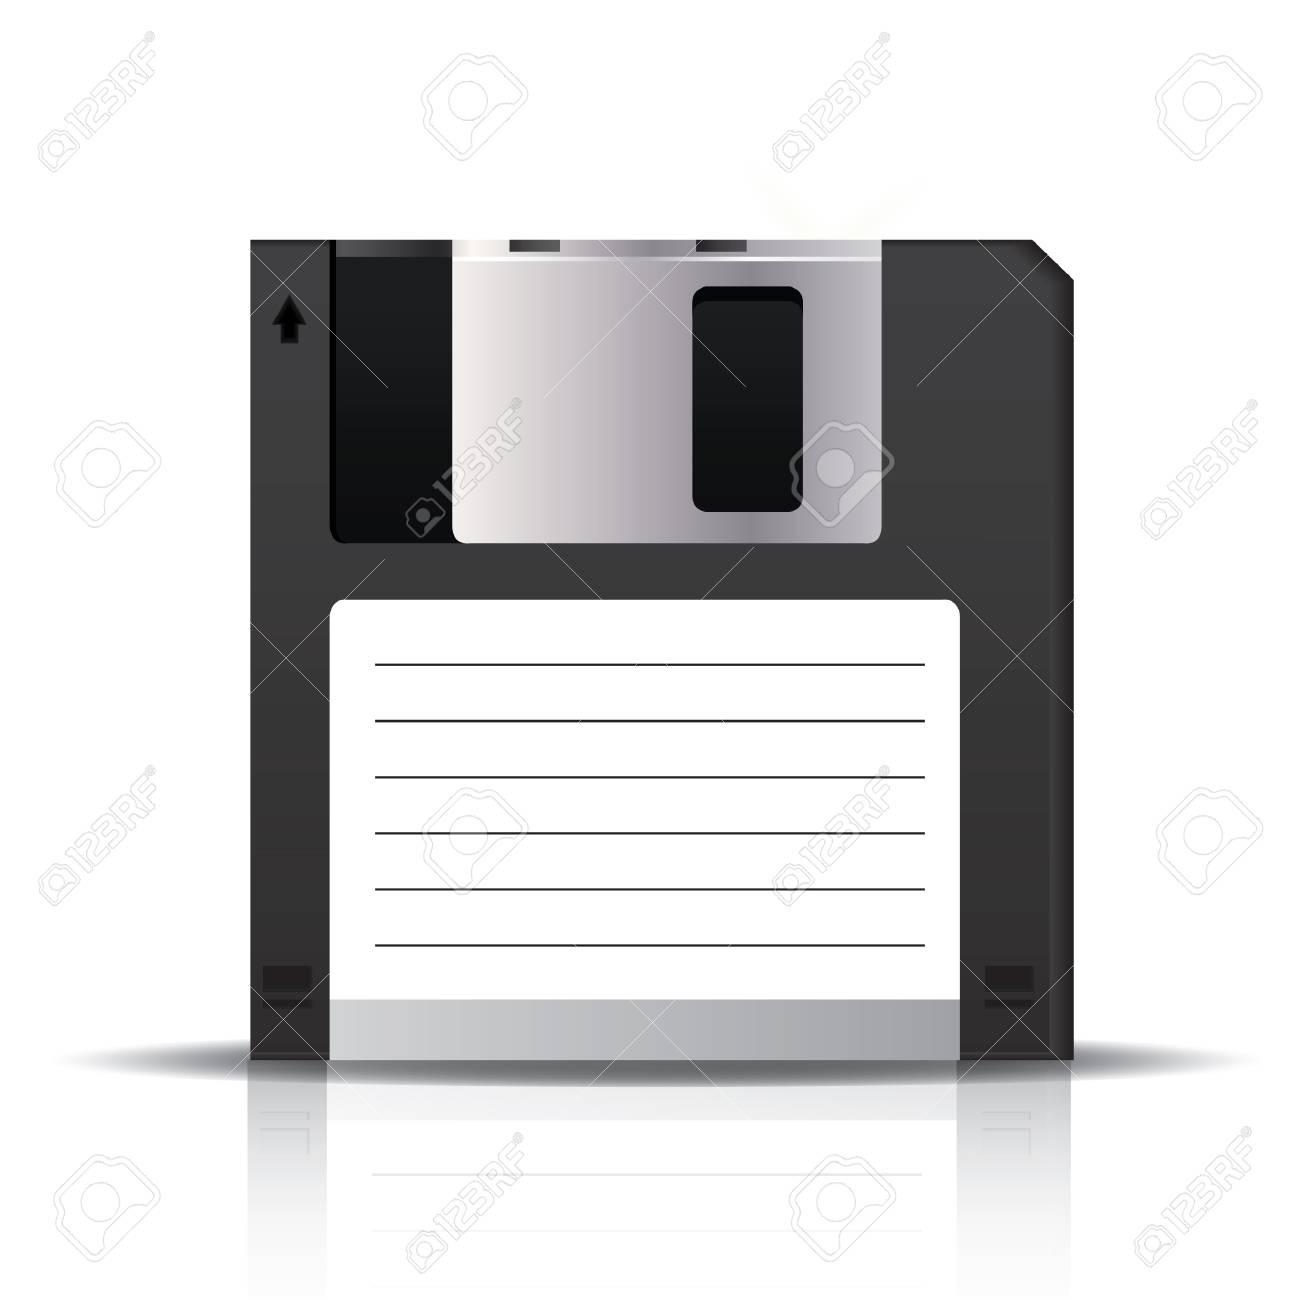 floppy disk - 106670662